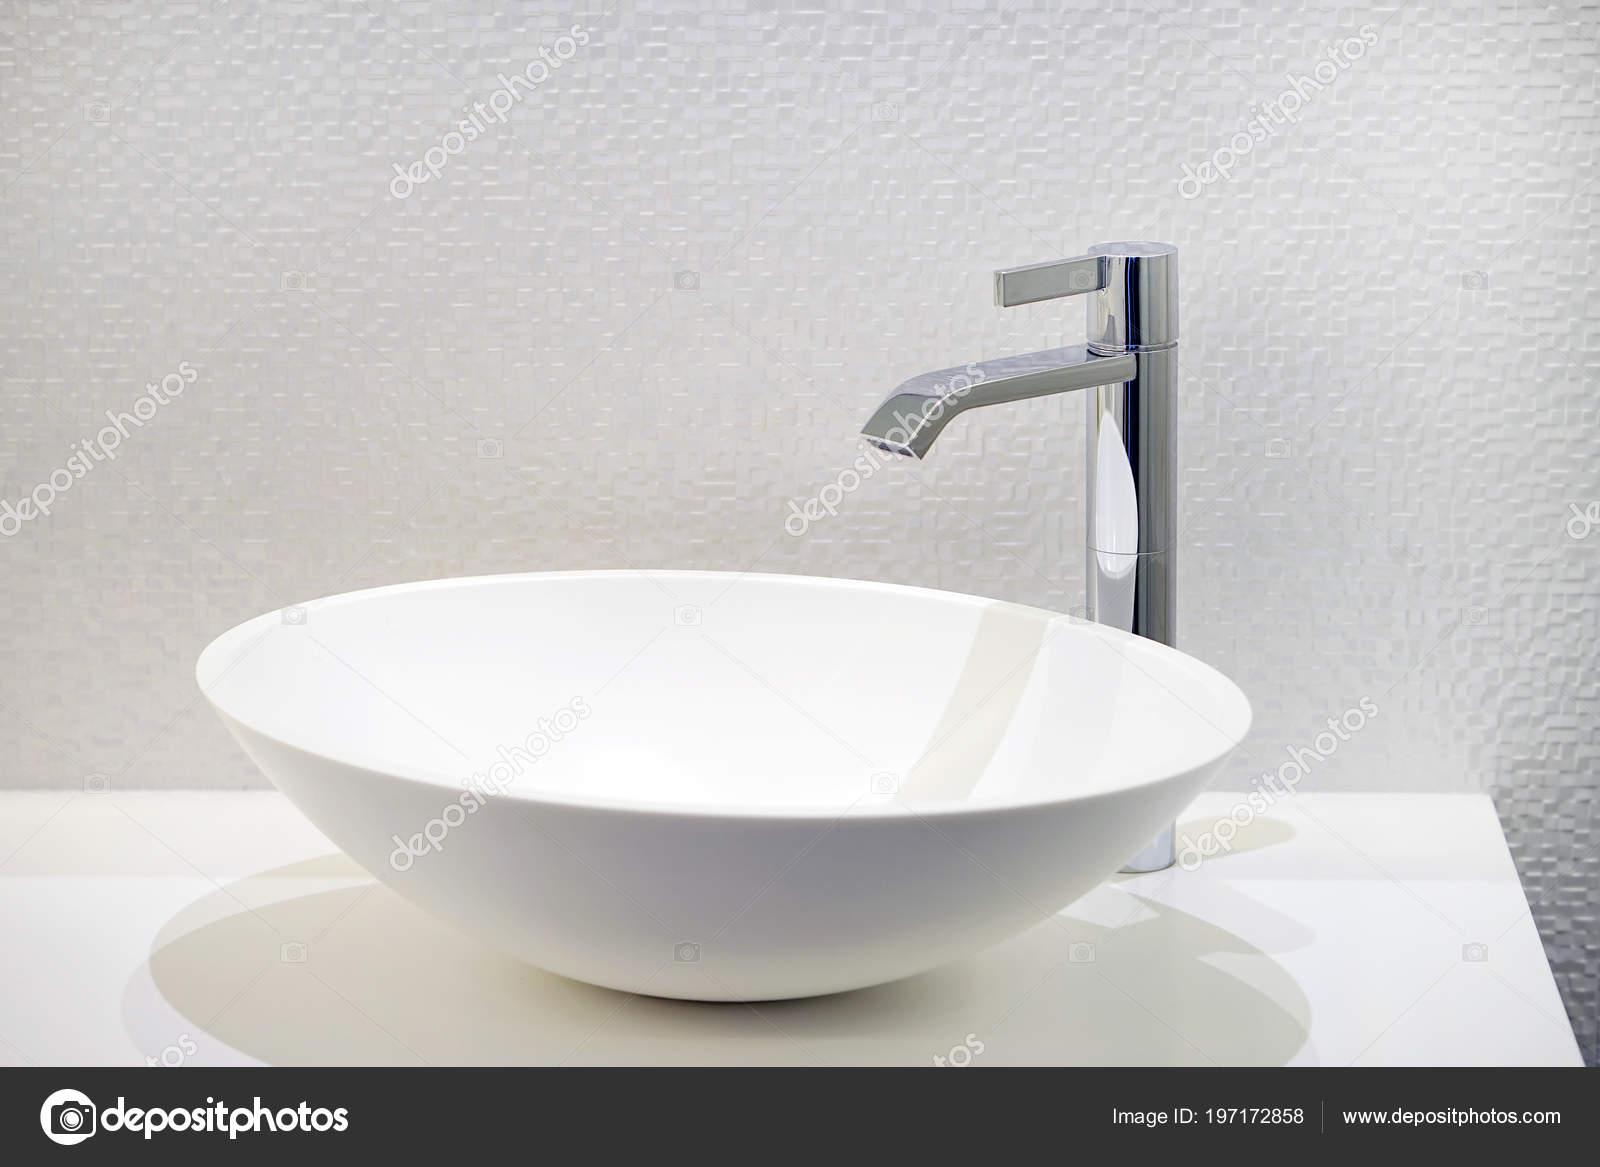 Lavandino del bagno interno con design moderno interno del bagno